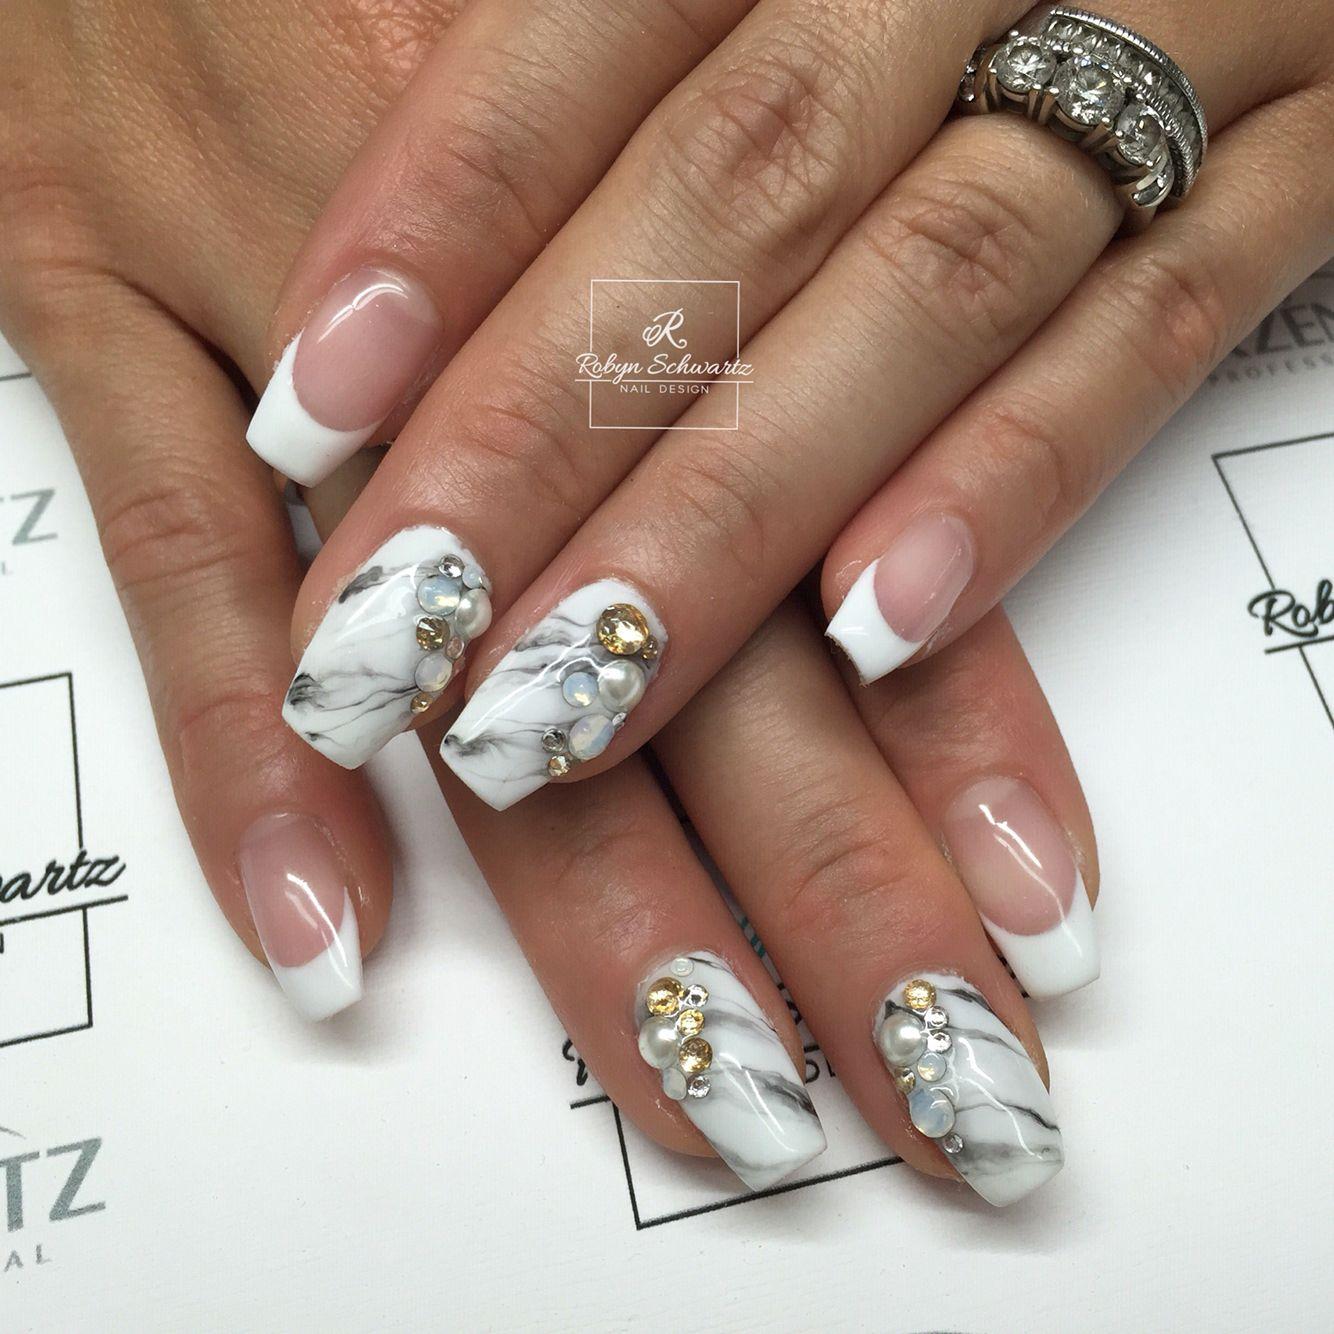 Marbled Gel Polish On Natural Nails Blingy Nails Pinterest